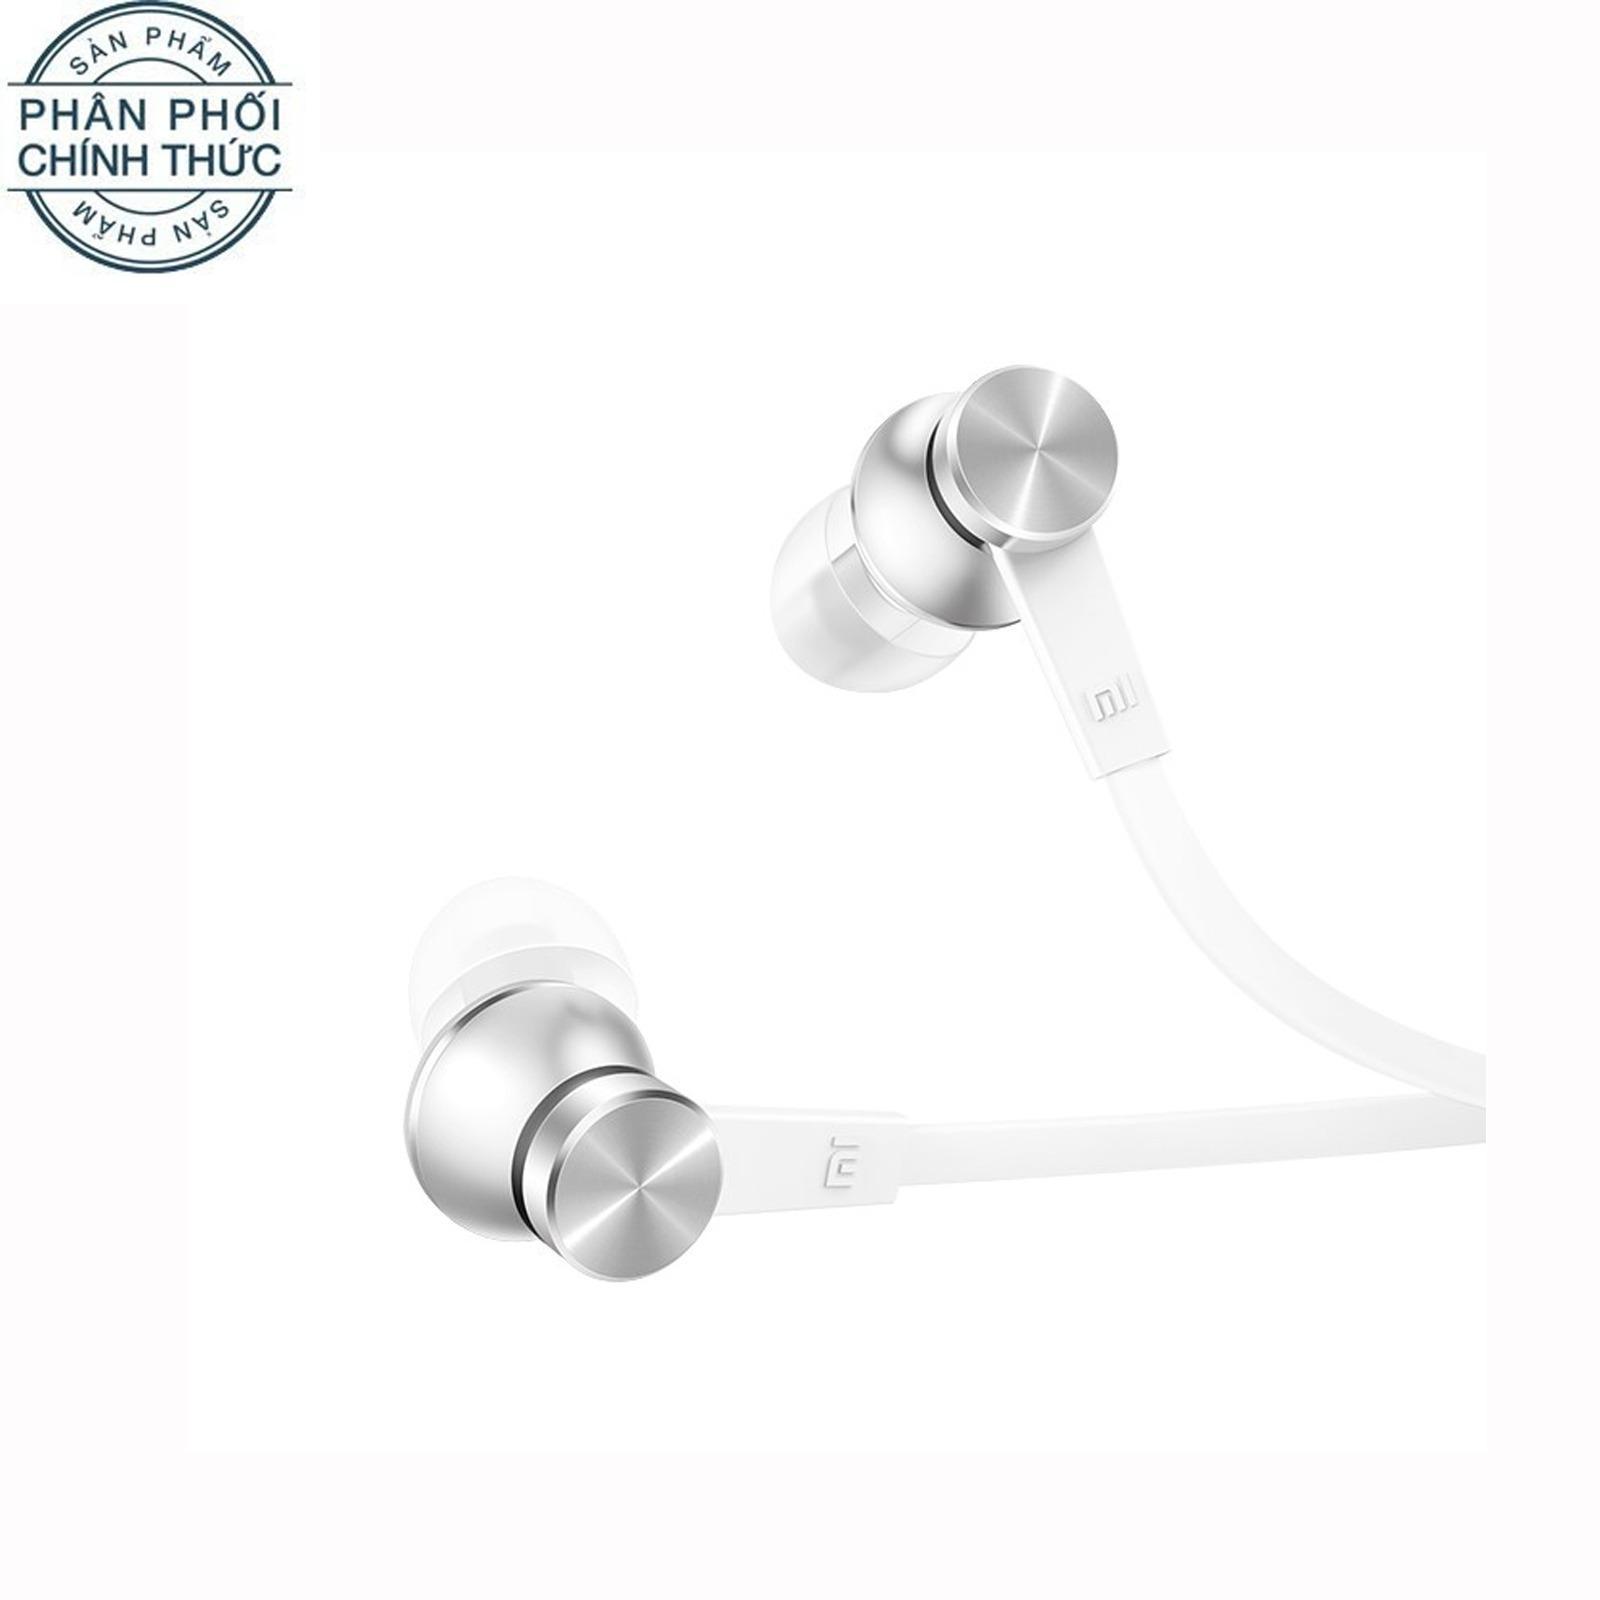 Giá Bán Tai Nghe Nhet Tai Xiaomi Mi In Ear Headphones Basic 2016 Trắng Hang Phan Phối Chinh Thức Nguyên